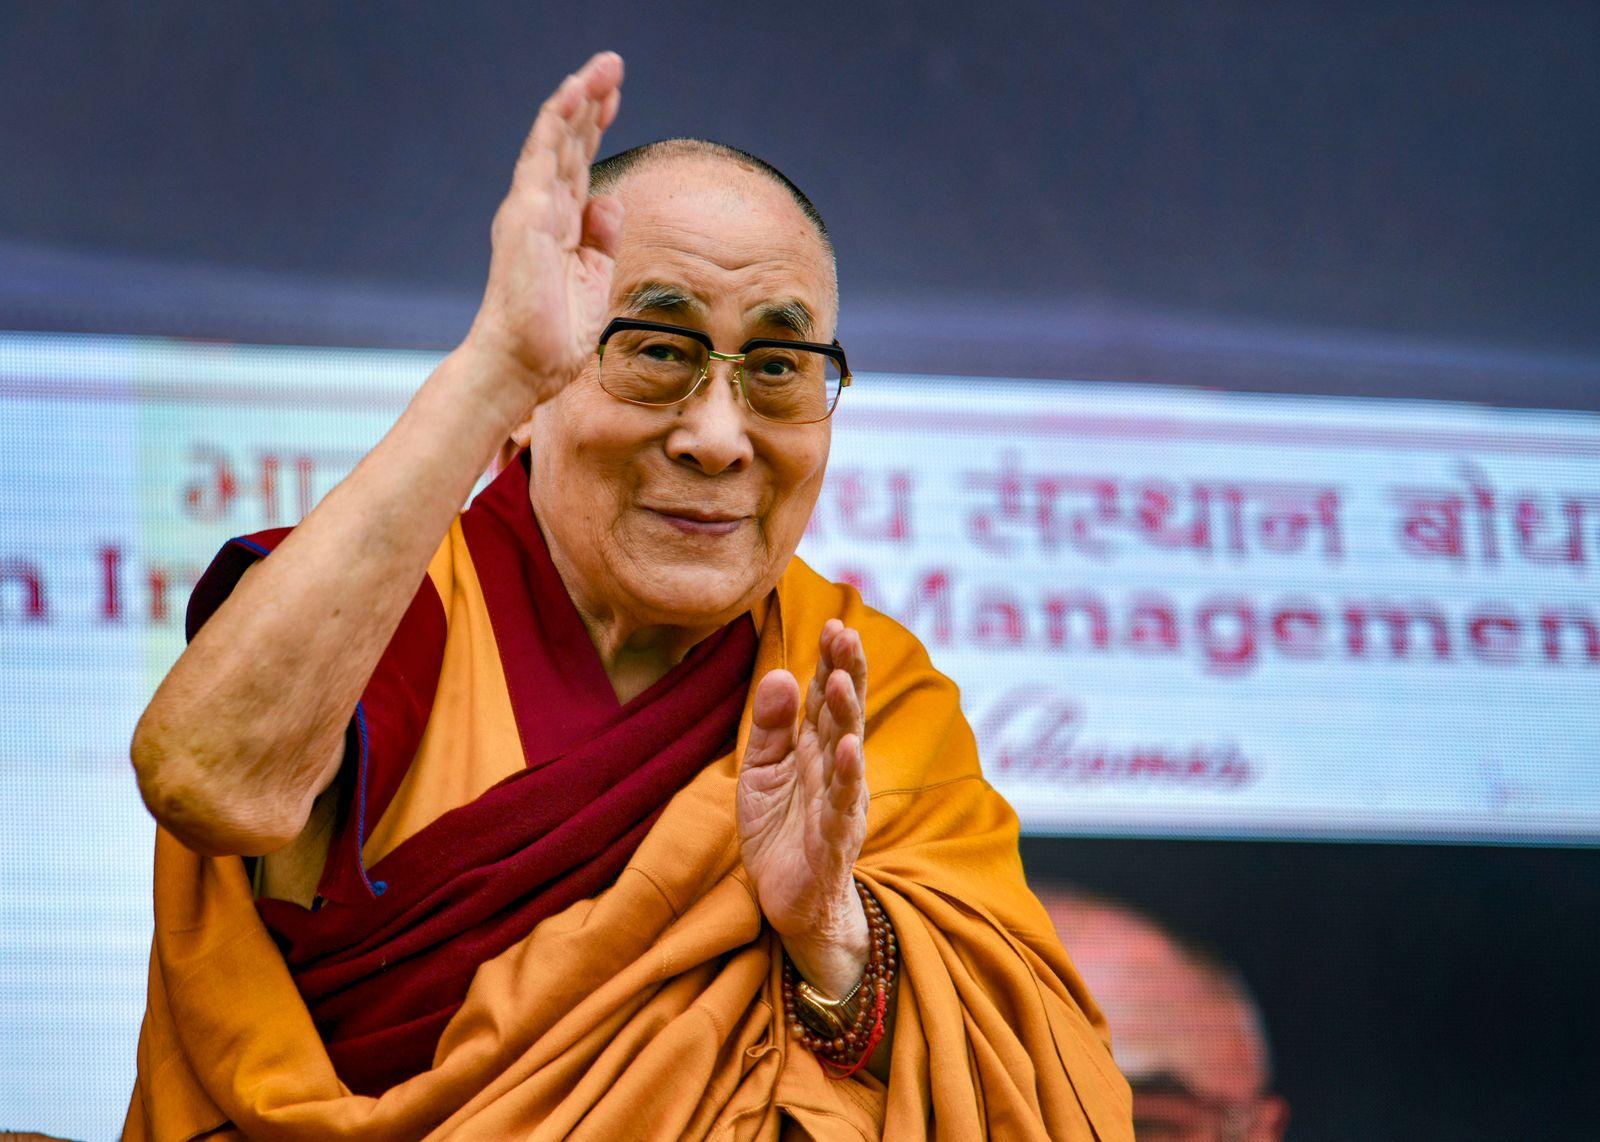 Dalai Lama Bittet Um Gebete Fur Langes Leben Etwa 108 Oder 110 Jahre Der Spiegel